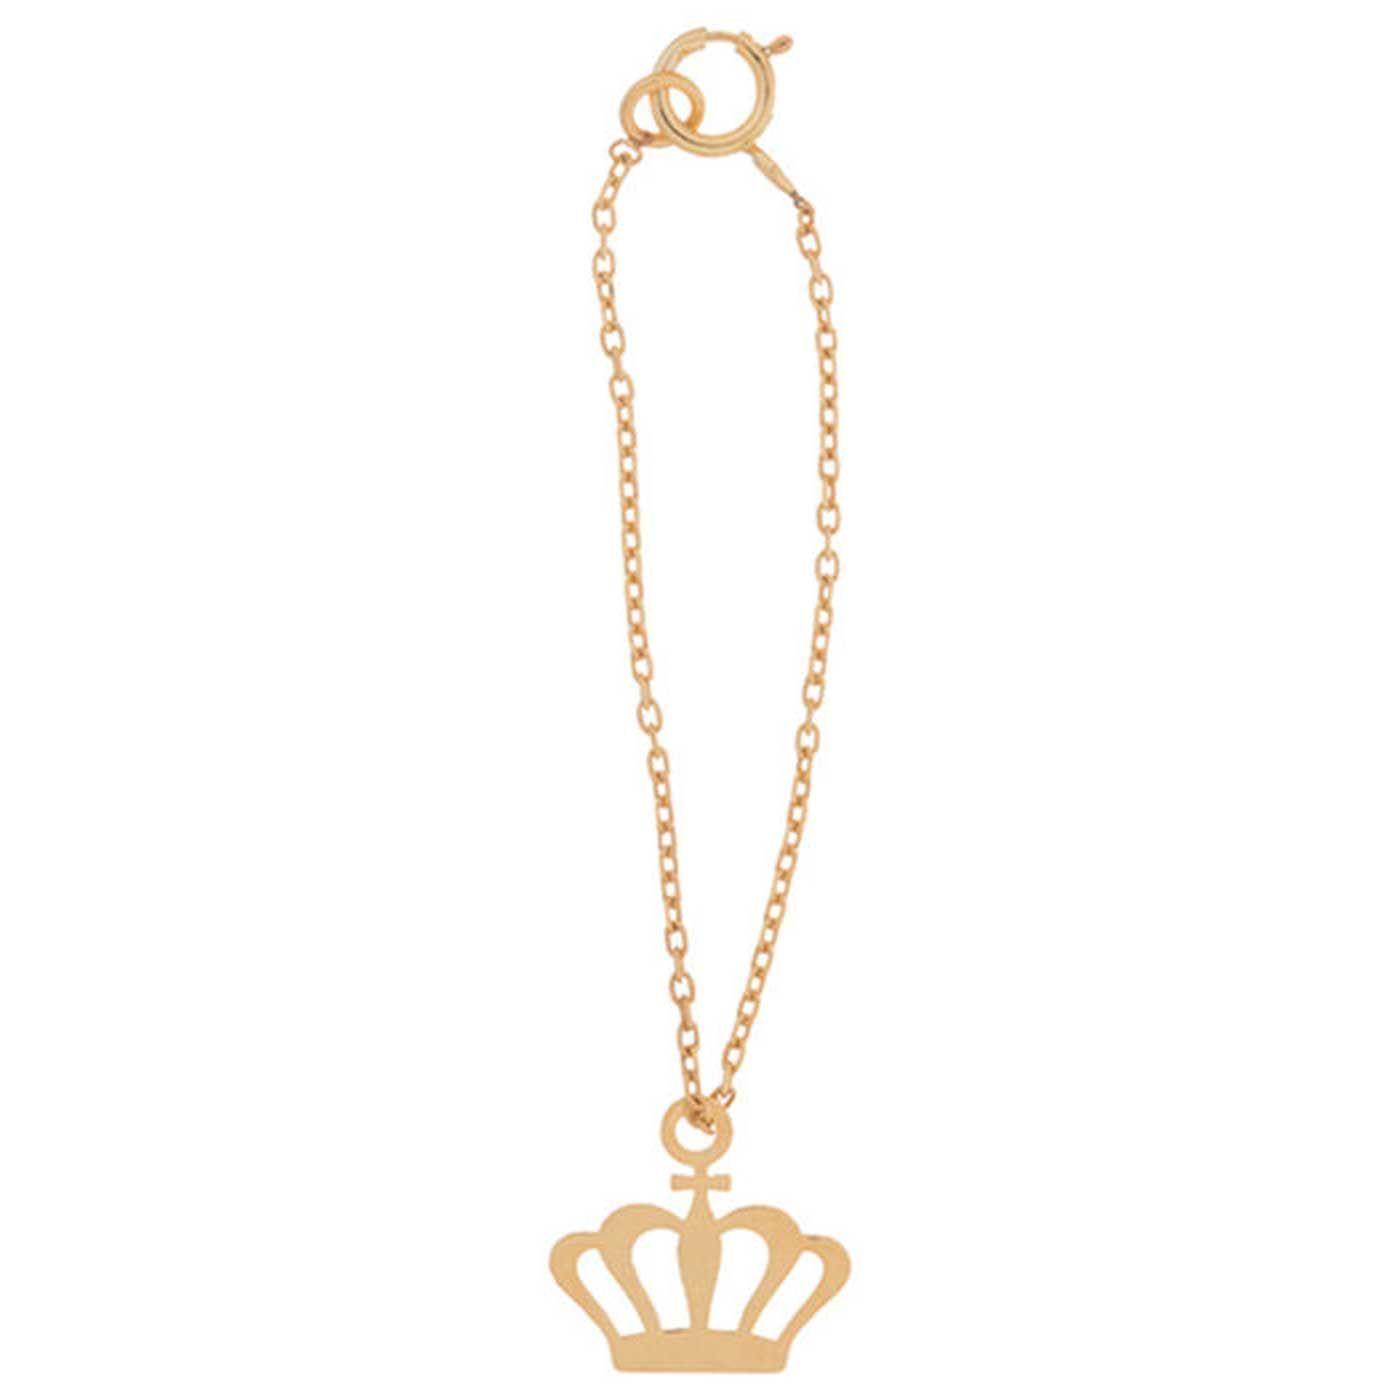 آویز ساعت طلا 18 عیار زنانه کانیار گالری کد AS51 -  - 1